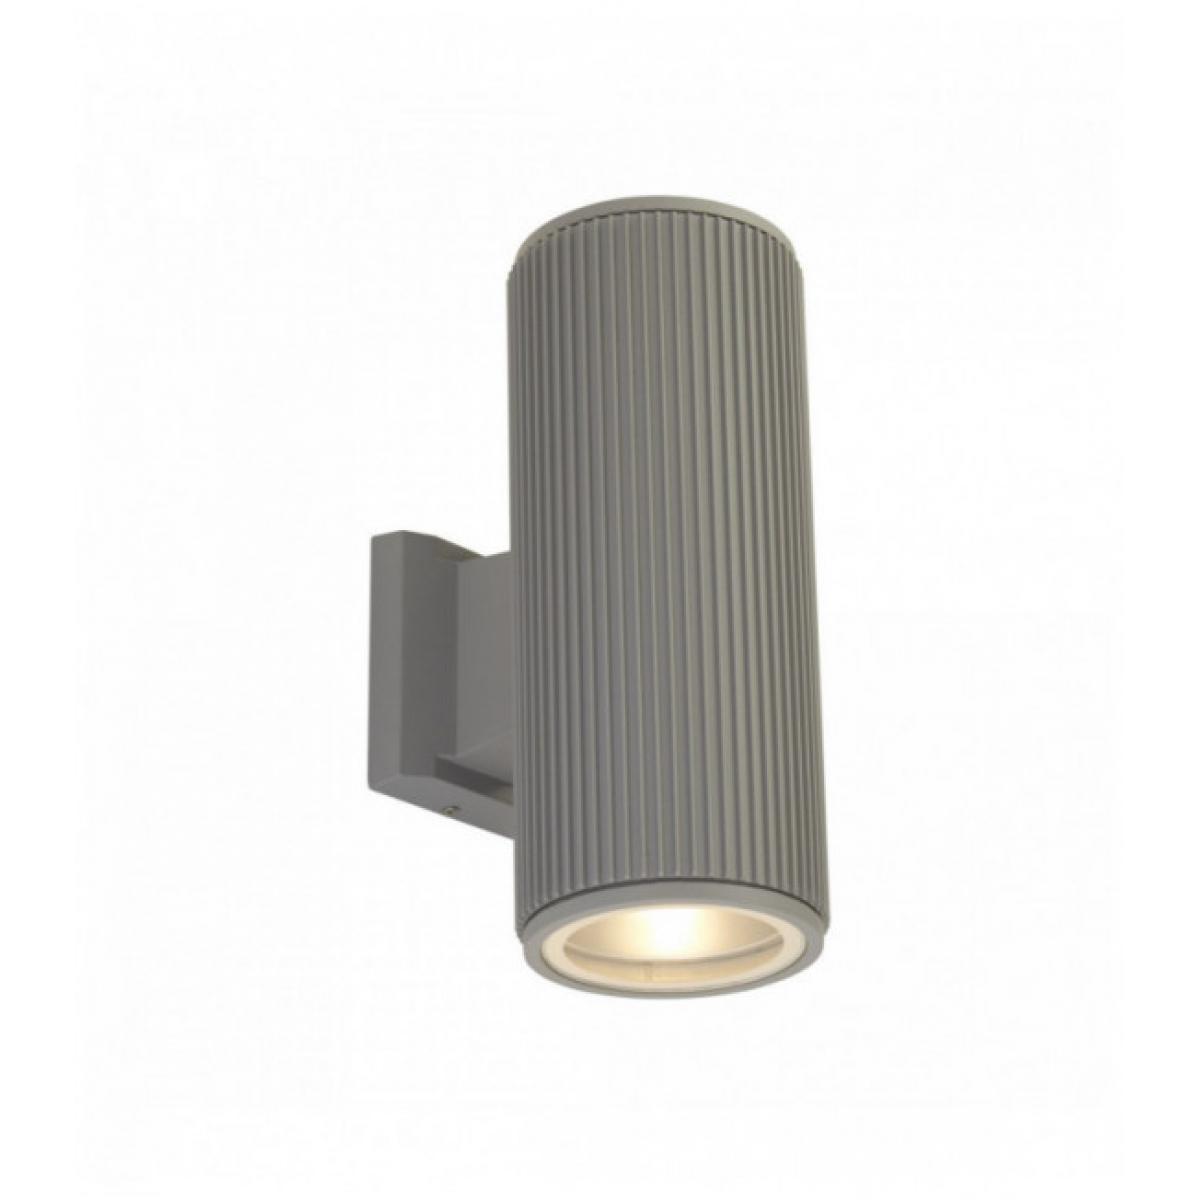 Searchlight Applique extérieur haut / bas / porche transparent - gris avec verre transparent